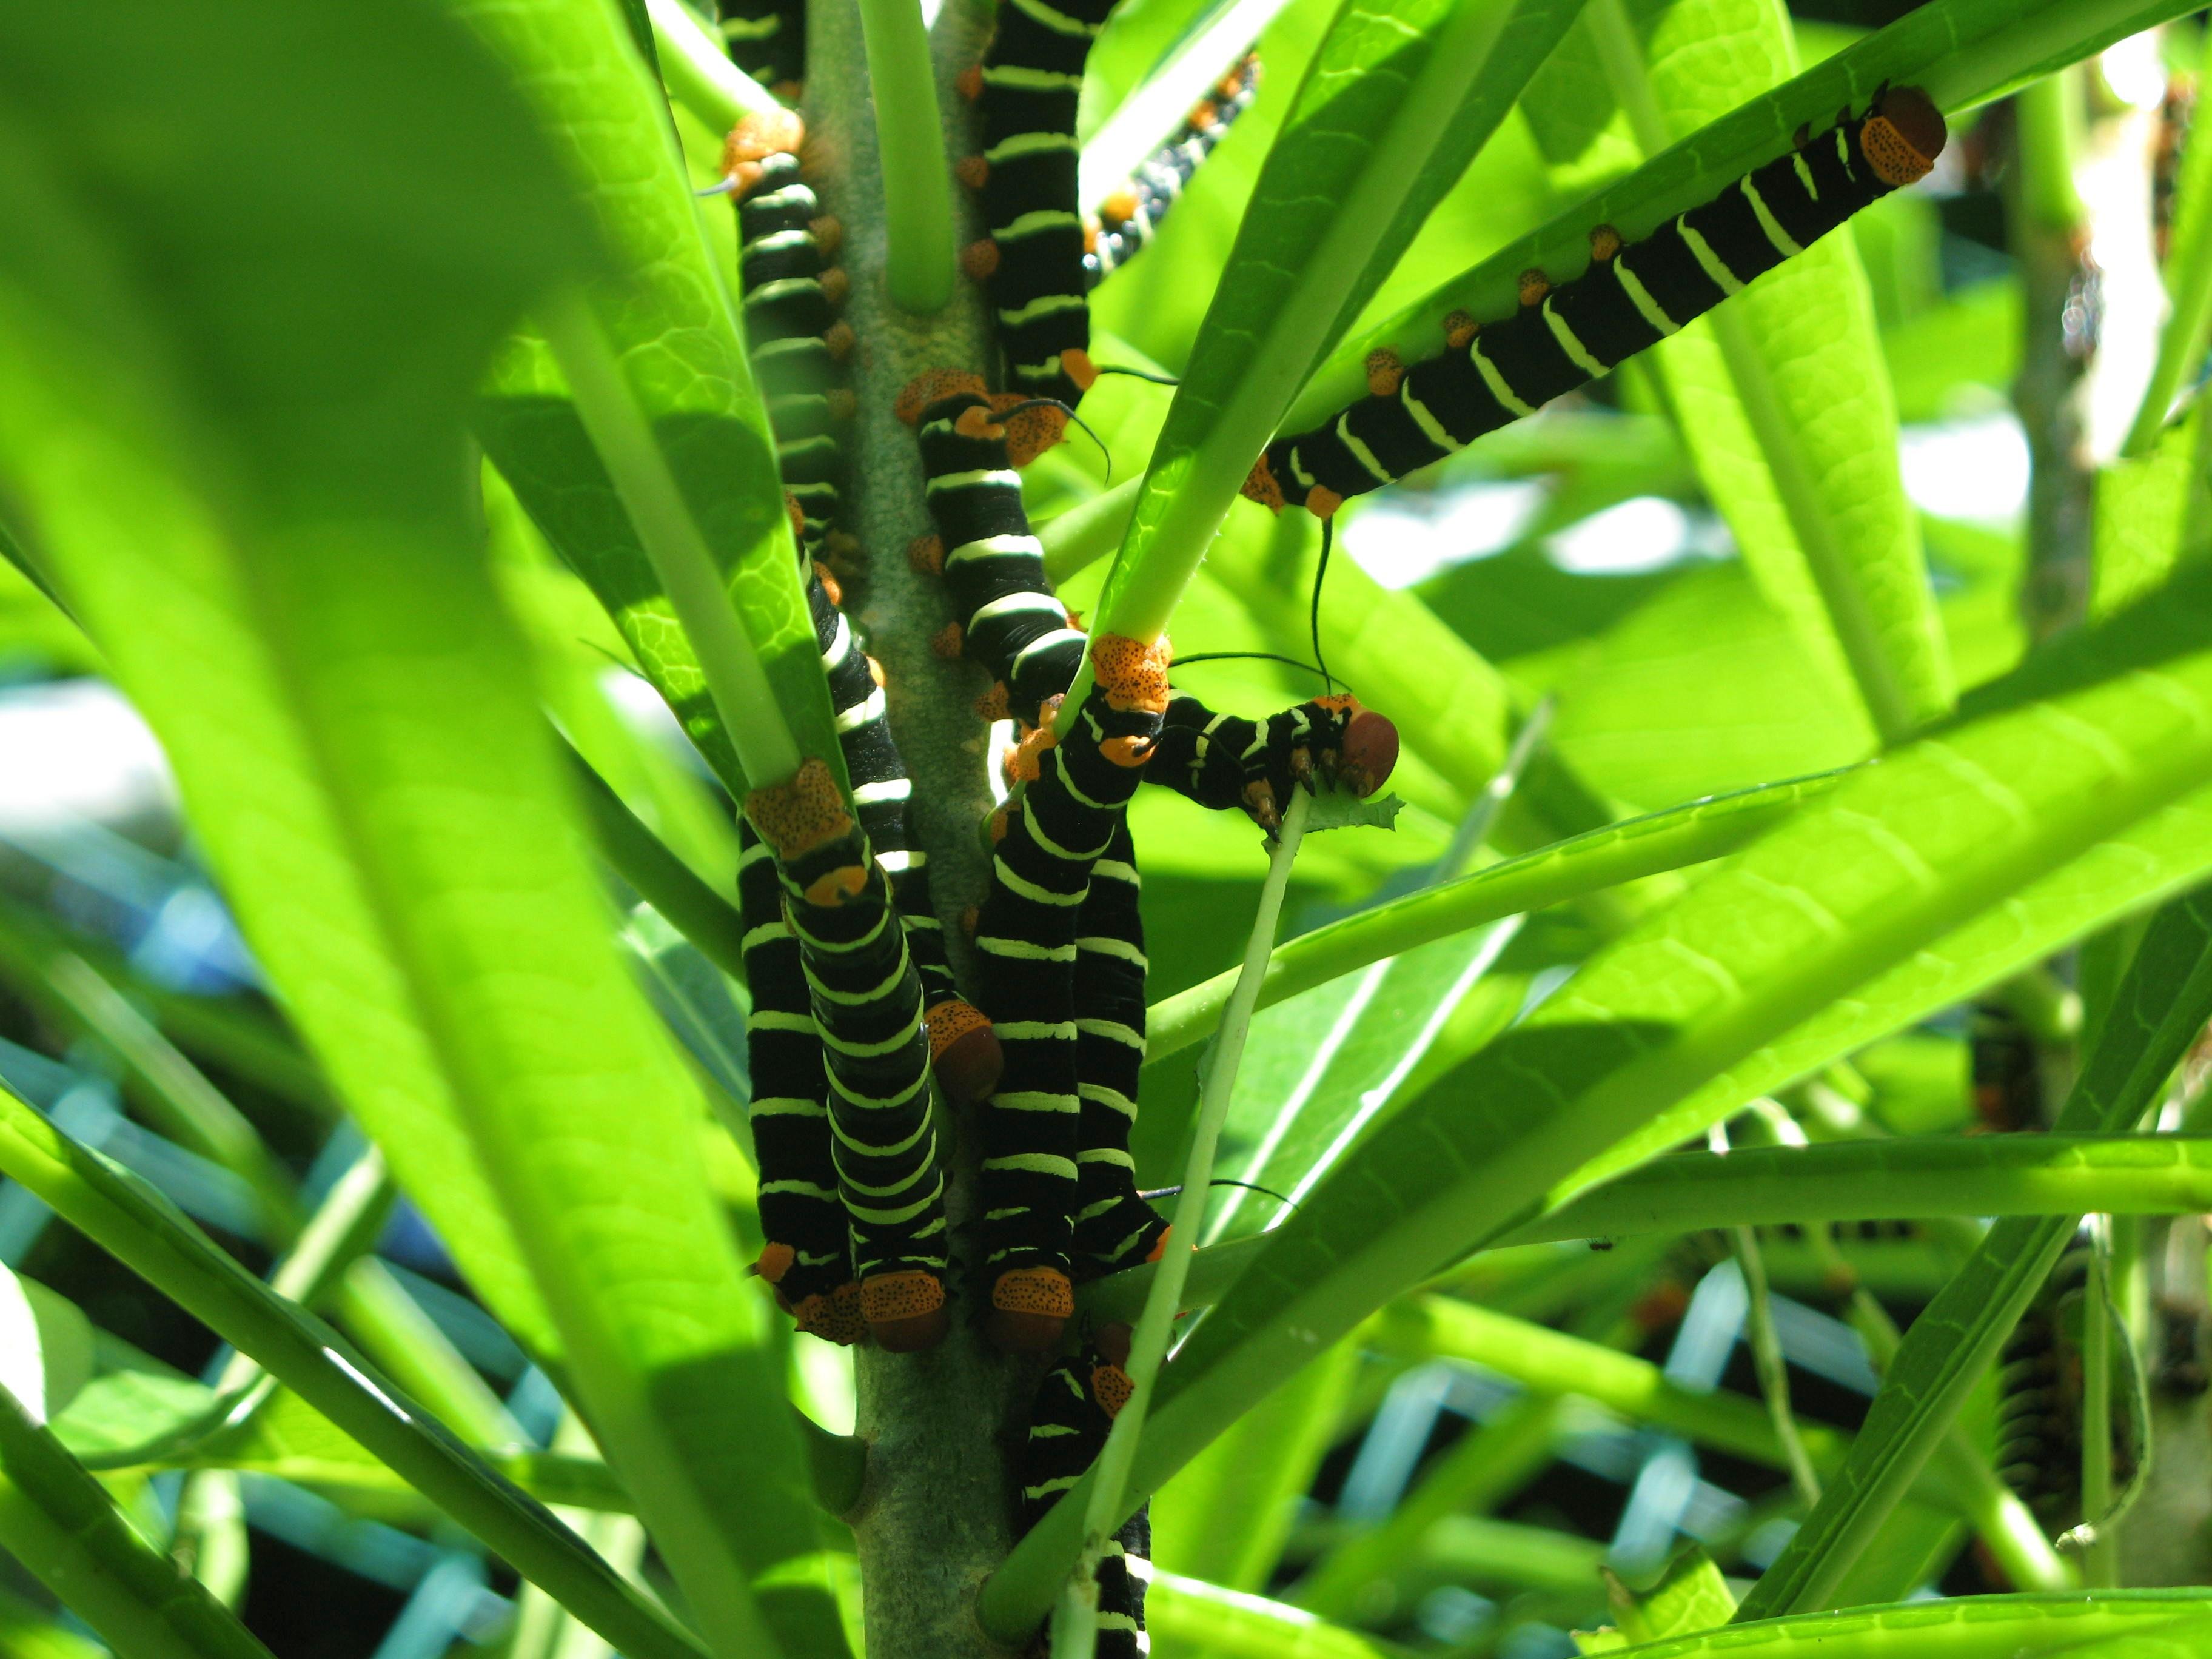 plumeria caterpillar